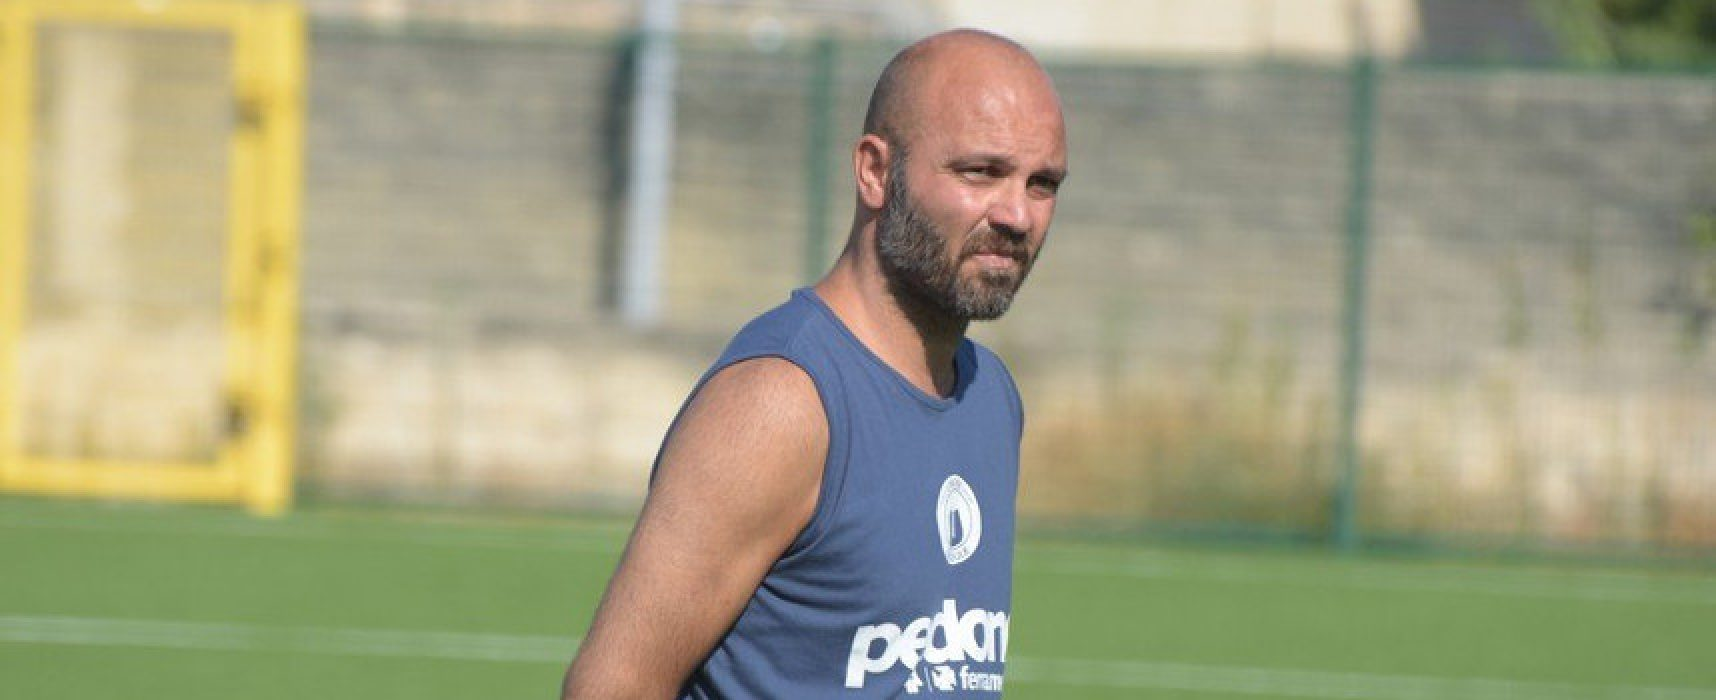 E' tempo di esordio per l'Unione Calcio: sfida di Coppa a Trani